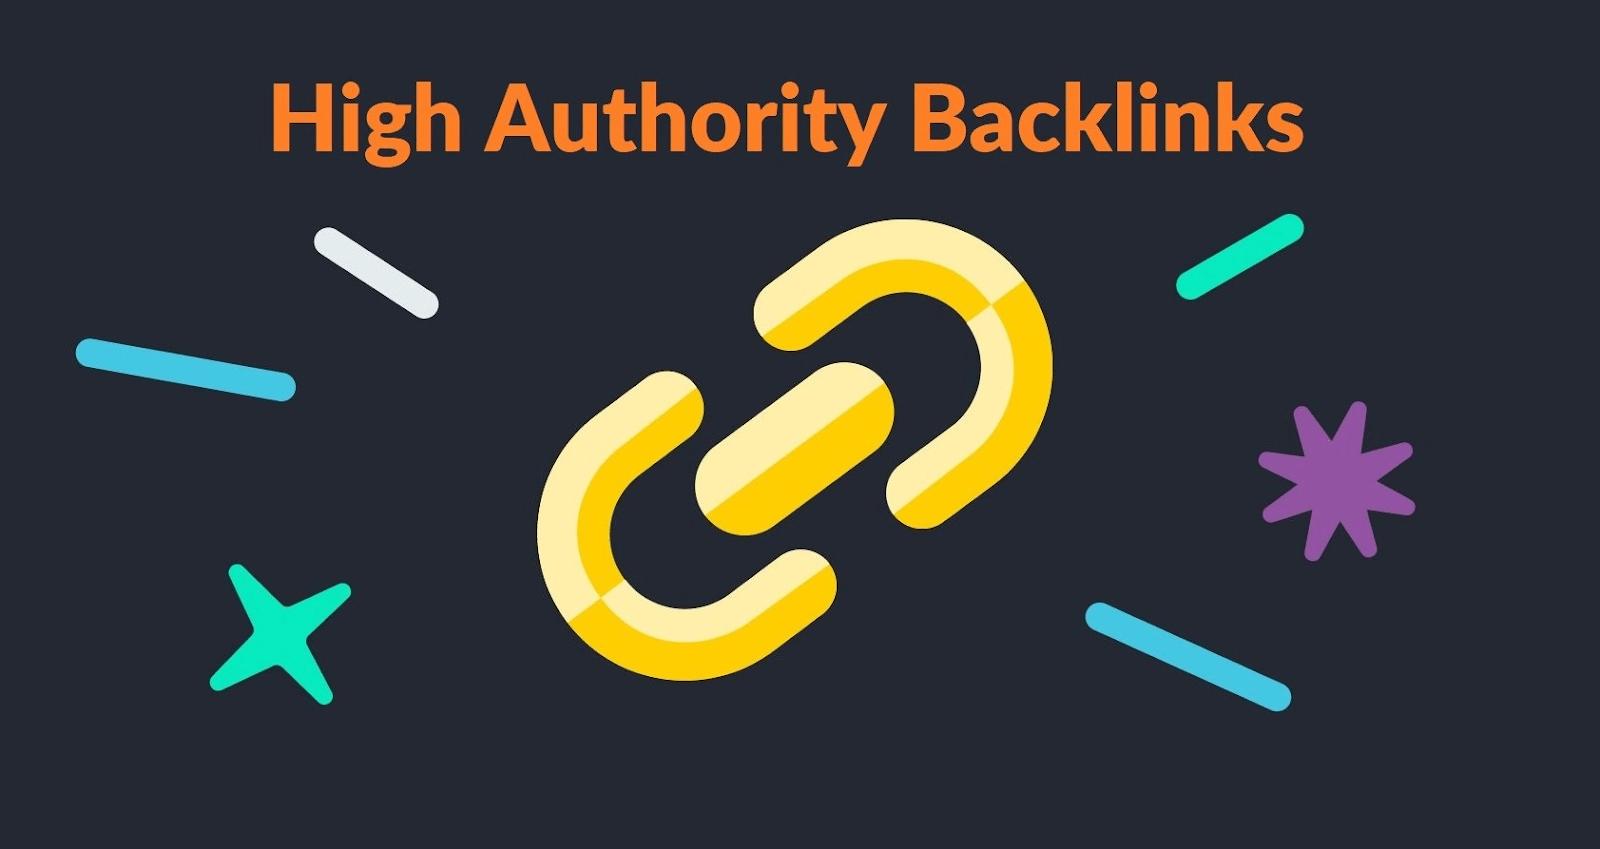 High-Authority Backlinks